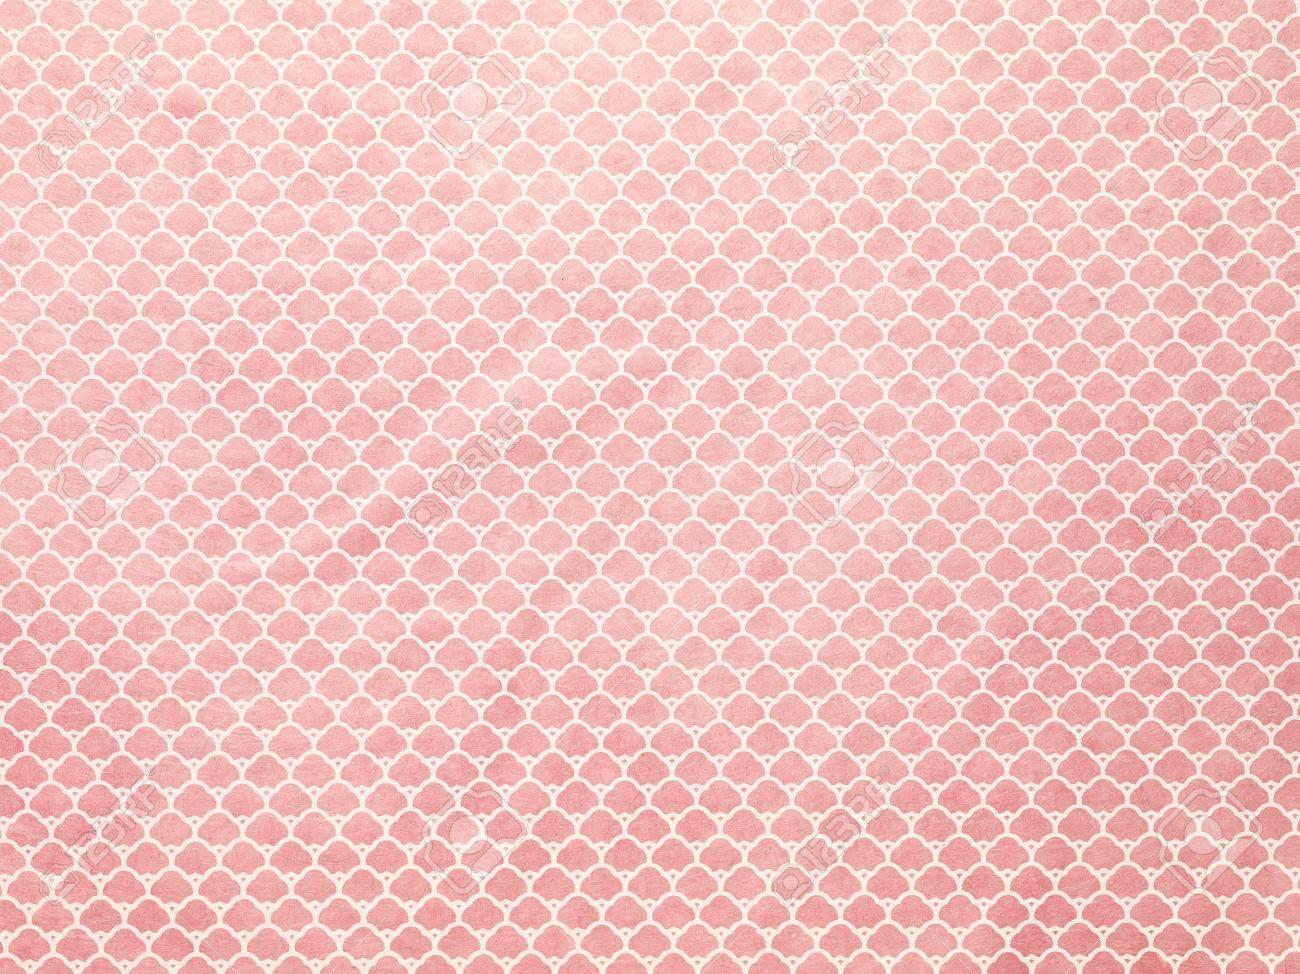 Un Resume De Fond Papier Peint Rose Seamless Banque D Images Et Photos Libres De Droits Image 17150083